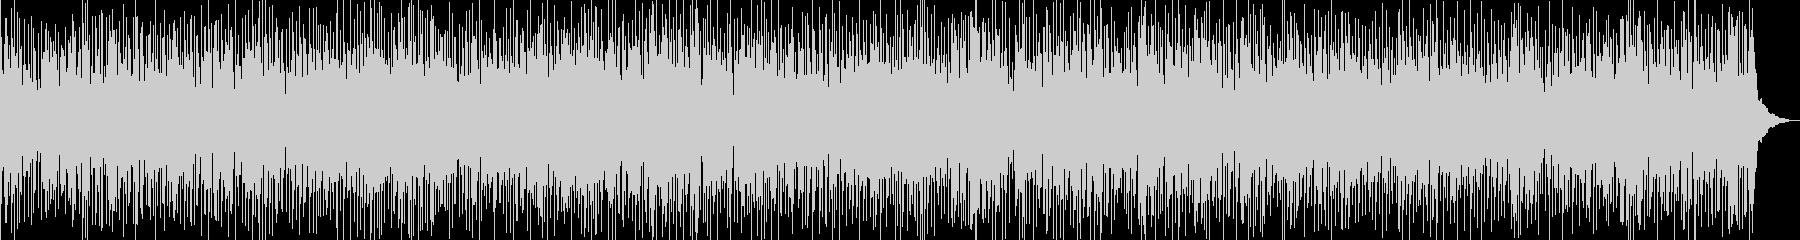 アコギが爽やかな夏のイメージのBGMの未再生の波形